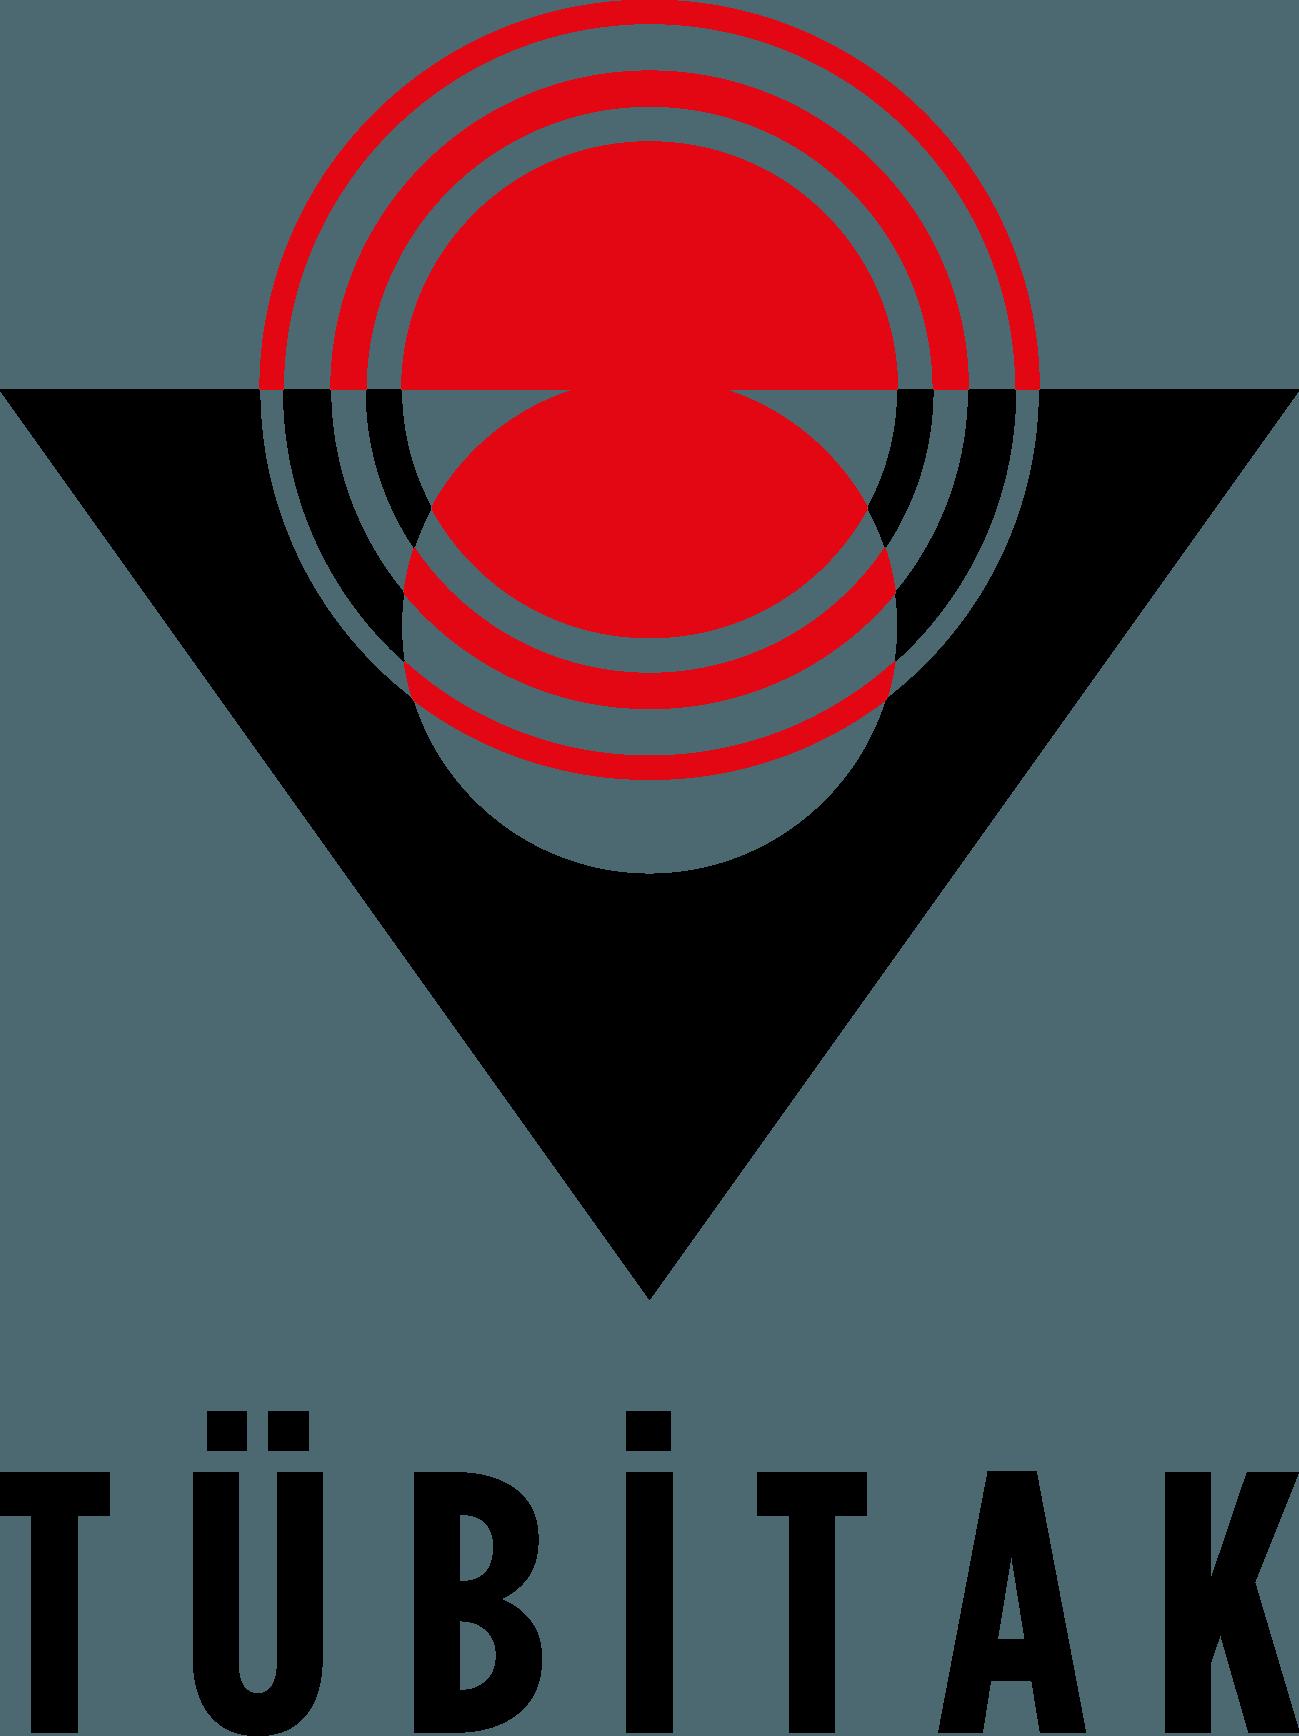 TÜBİTAK – Türkiye Bilimsel ve Teknolojik Araştırma Kurumu Logo [tubitak.gov.tr]